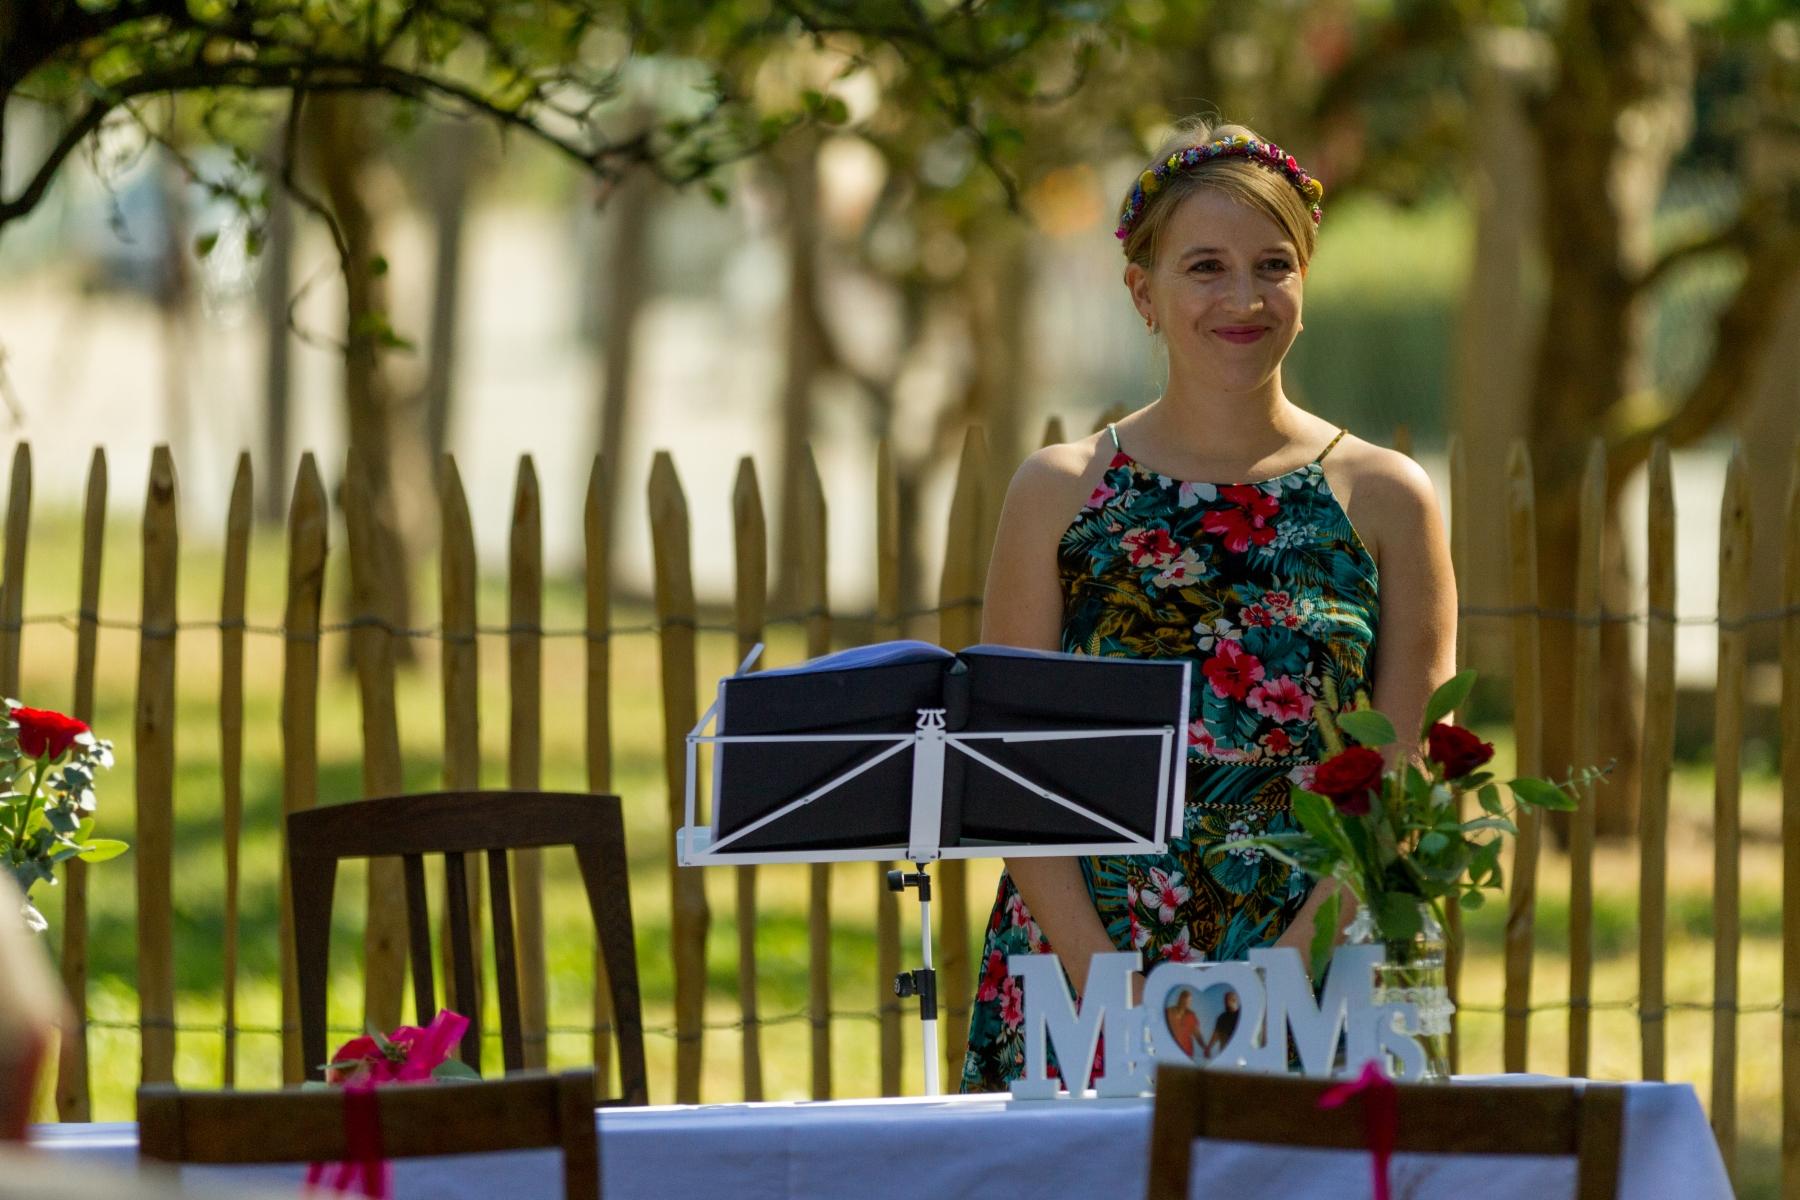 Freie Trauung in Kraichtal: kurz vor Beginn voller Vorfreude auf die Braut